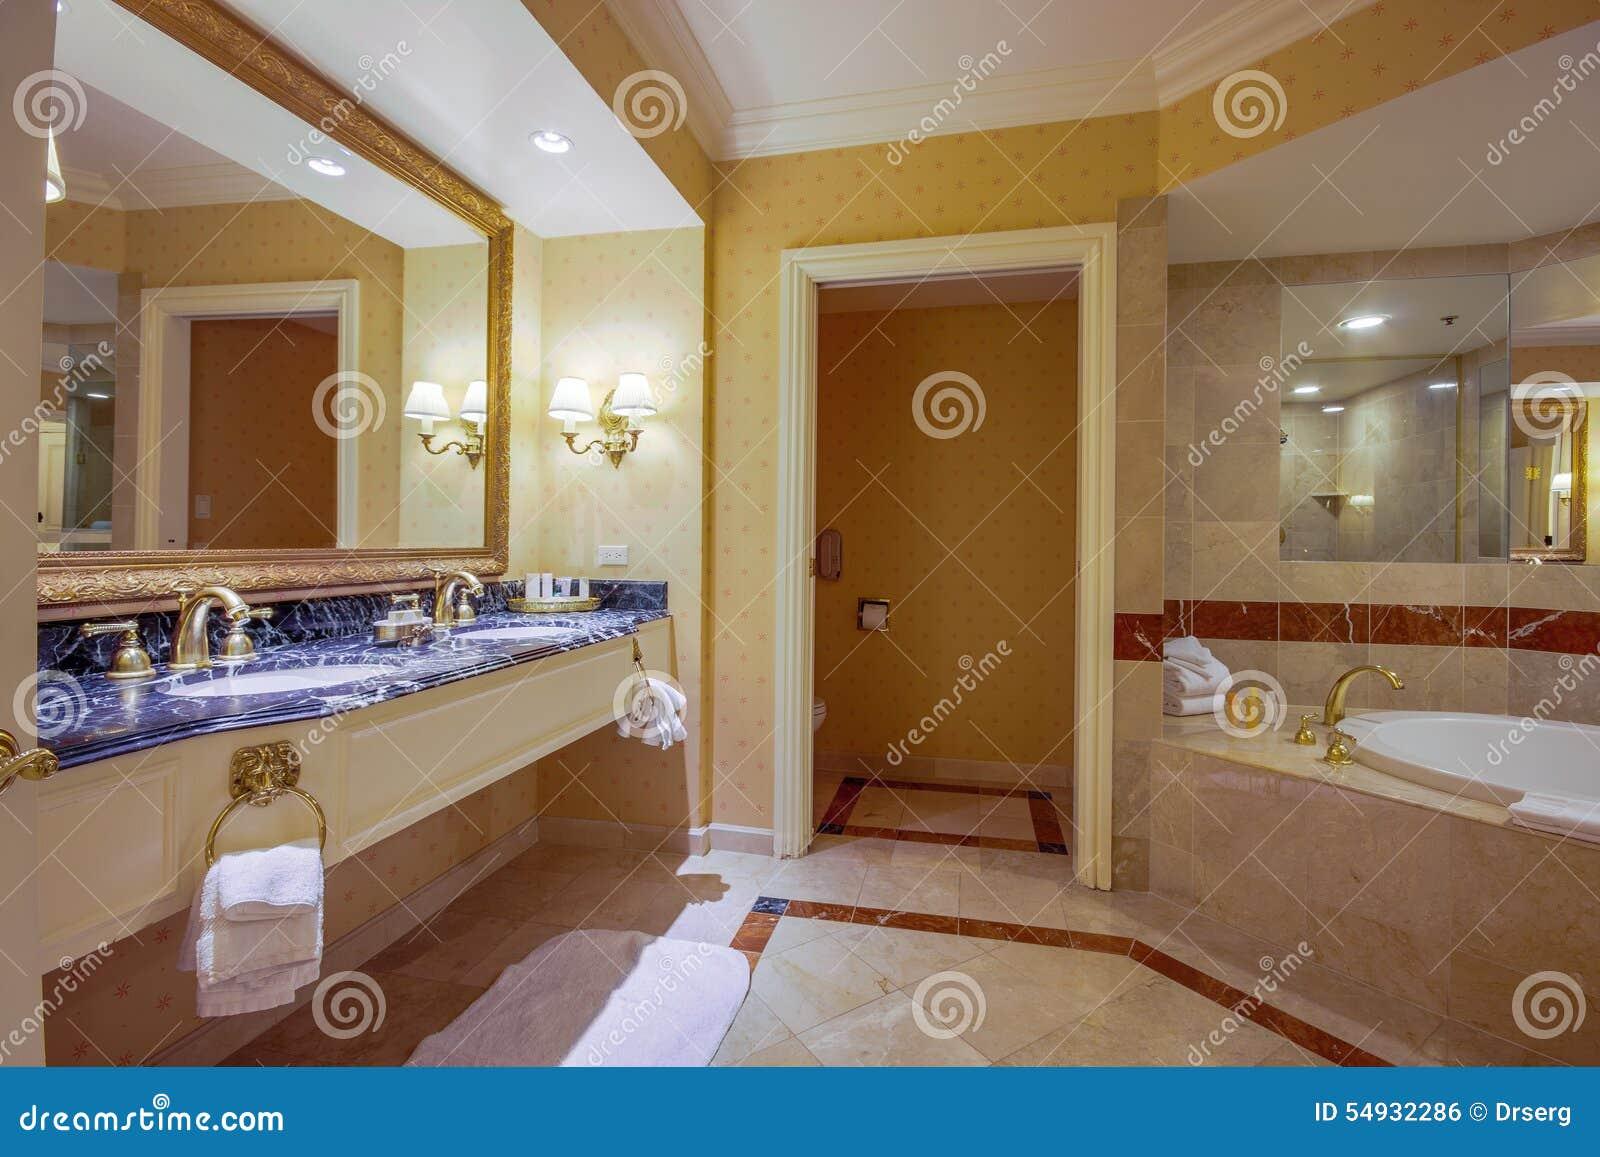 La salle de bains moderne avec la baignoire de jacuzzi d for Salle de bain jacuzzi